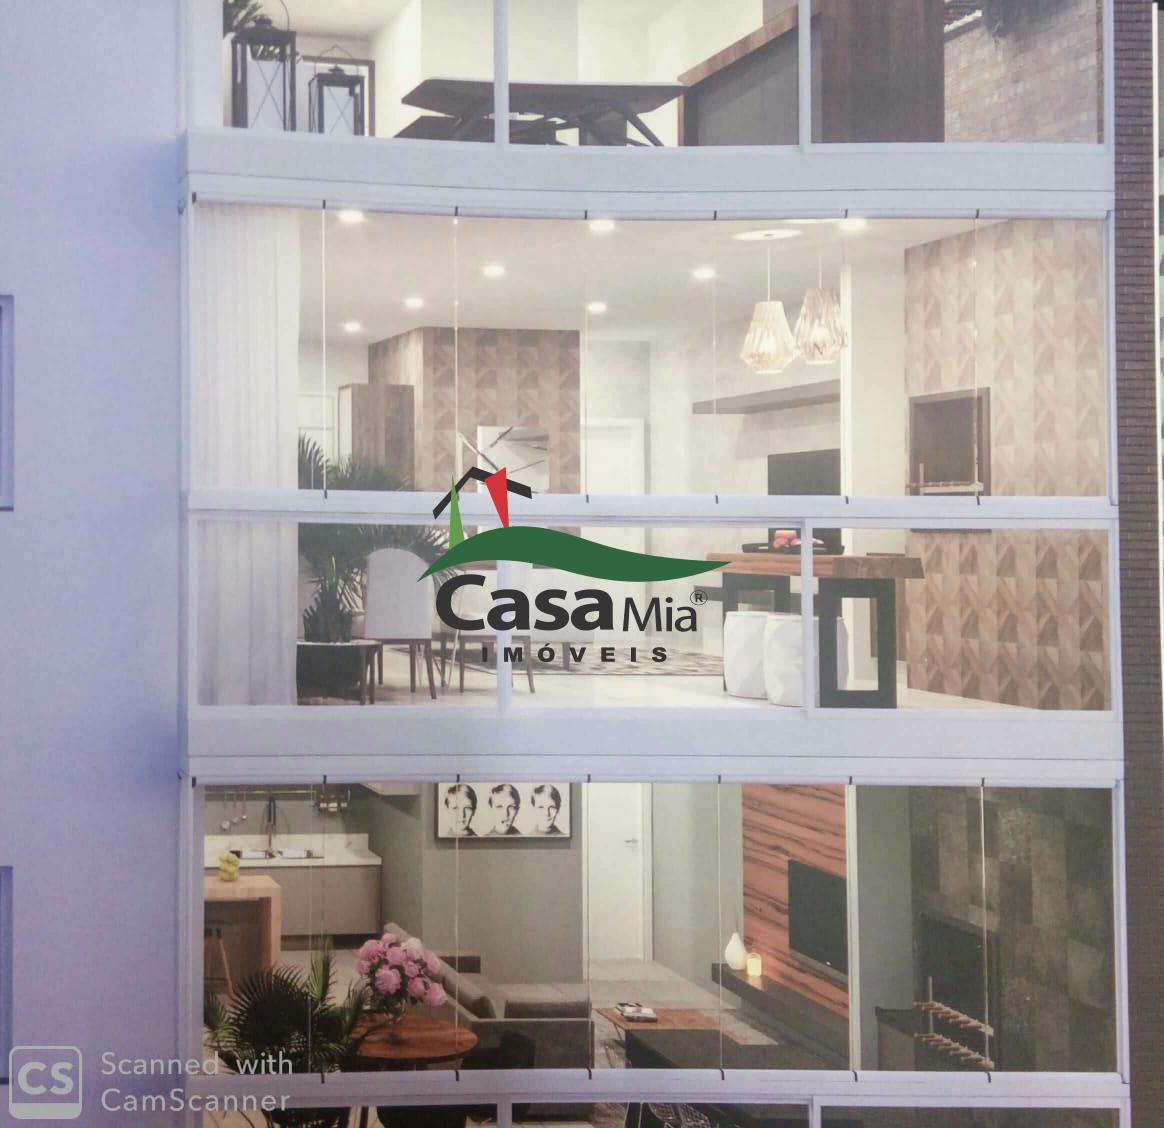 Casamia Imóveis - Imobiliários em Pato Branco PR